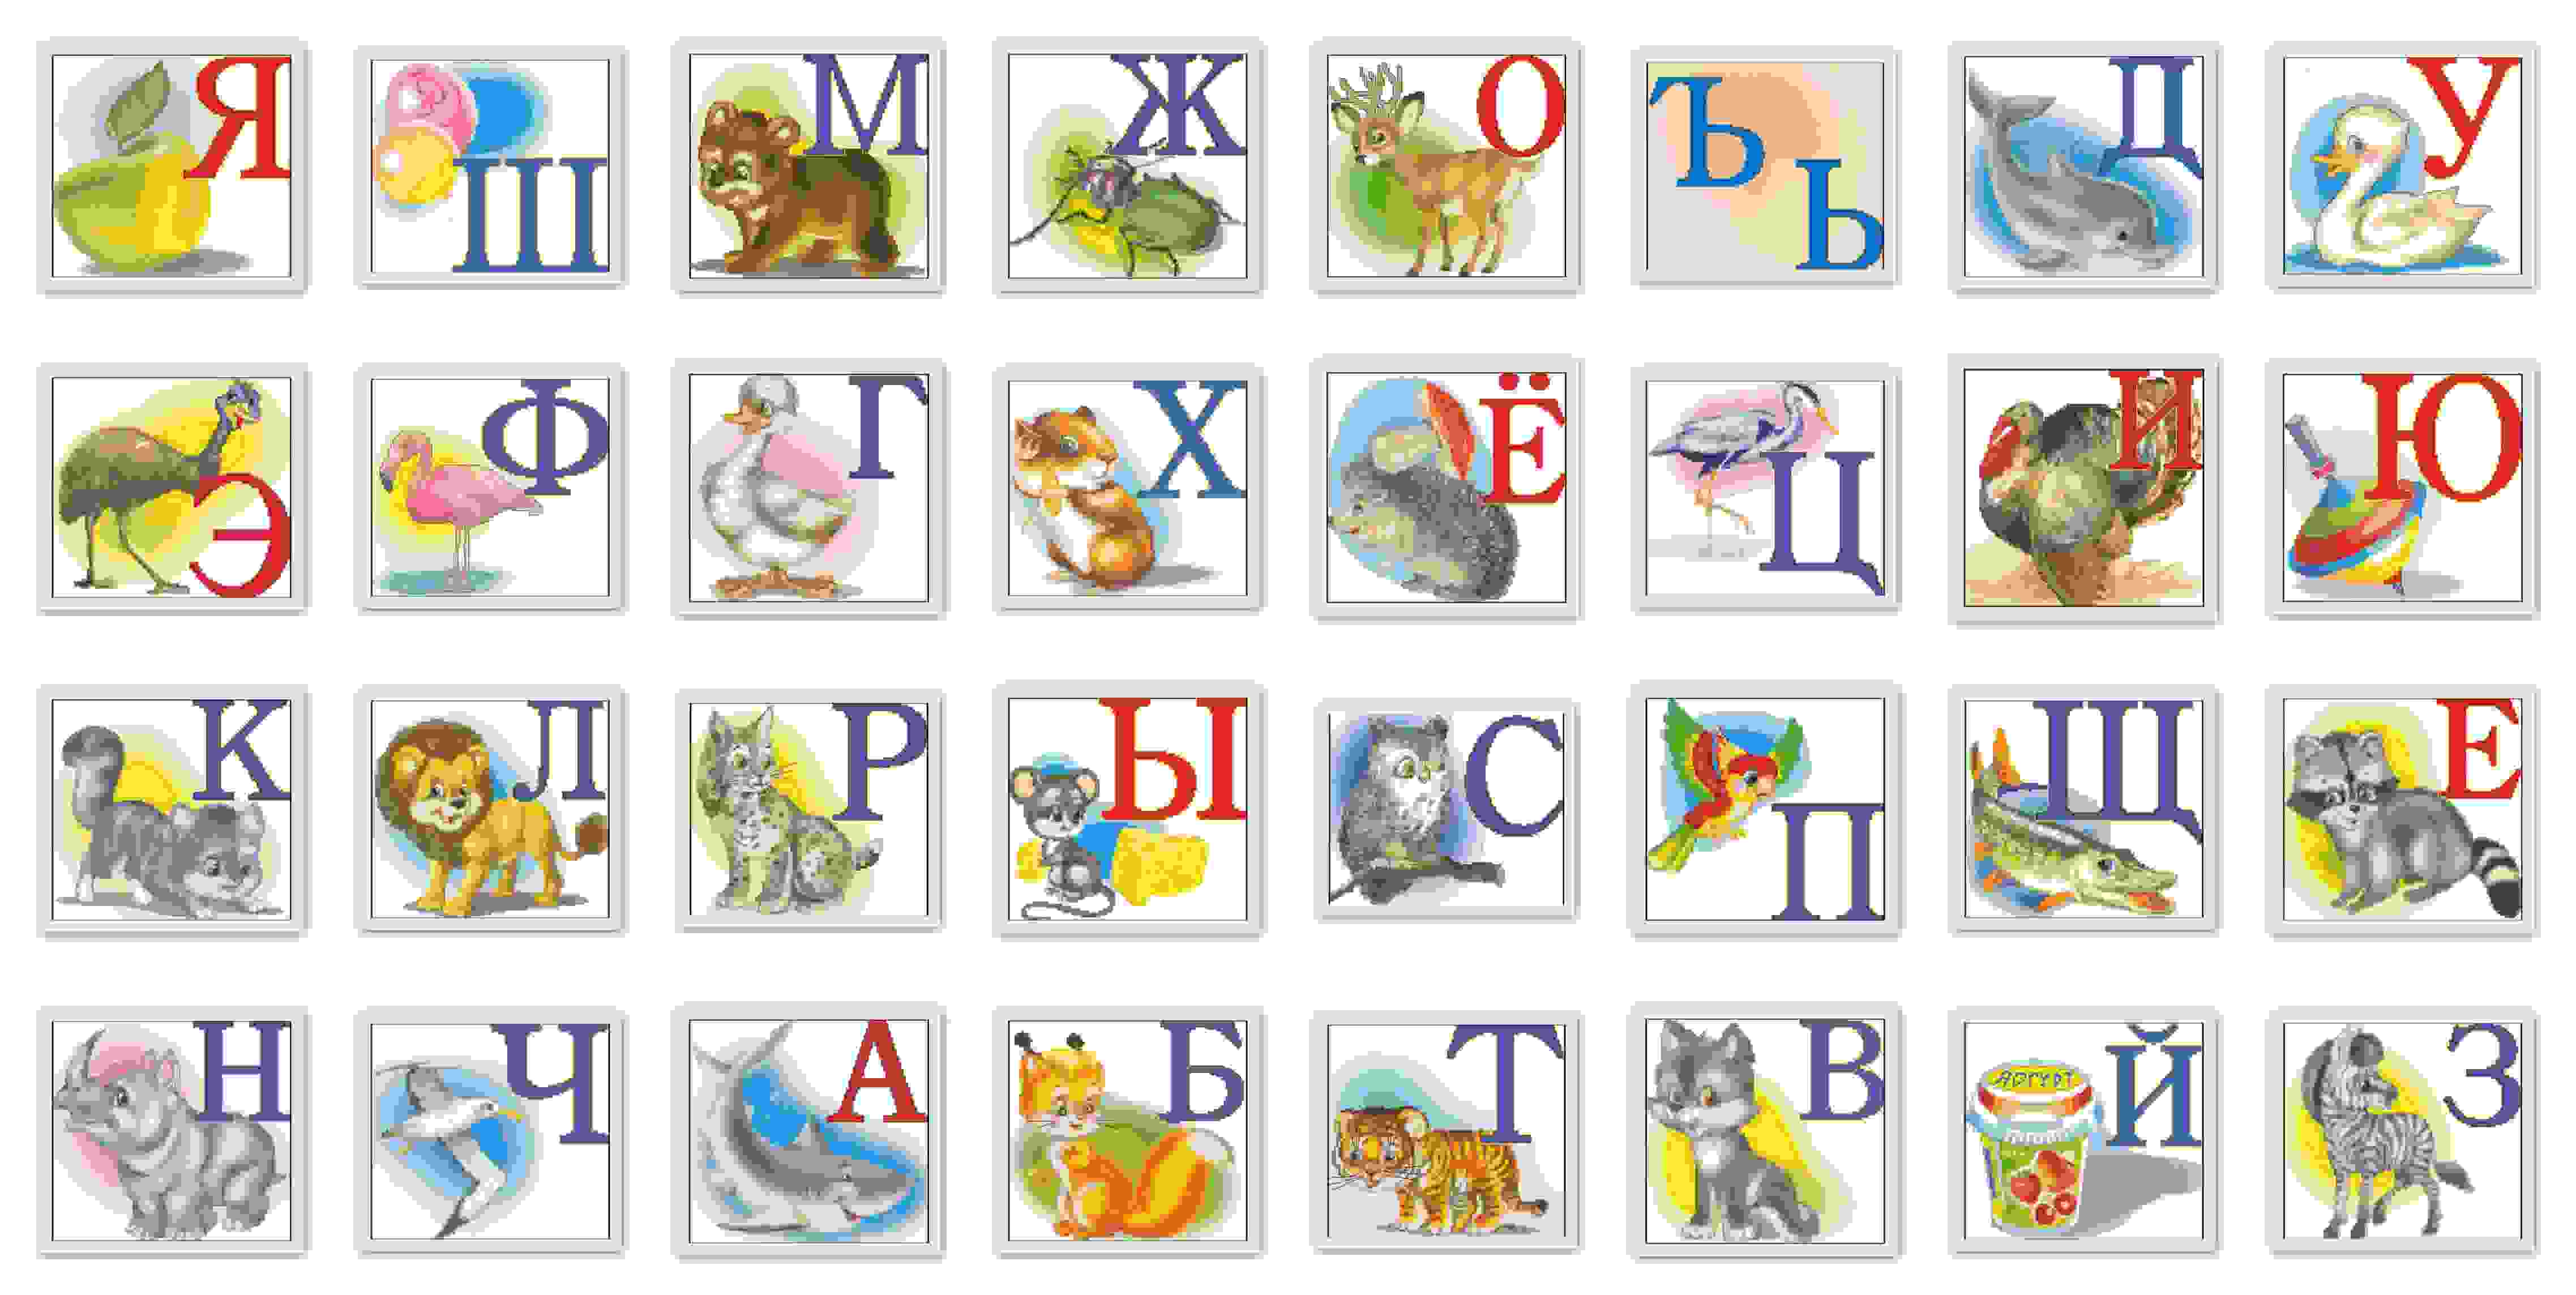 Как сделать карточки алфавита детям